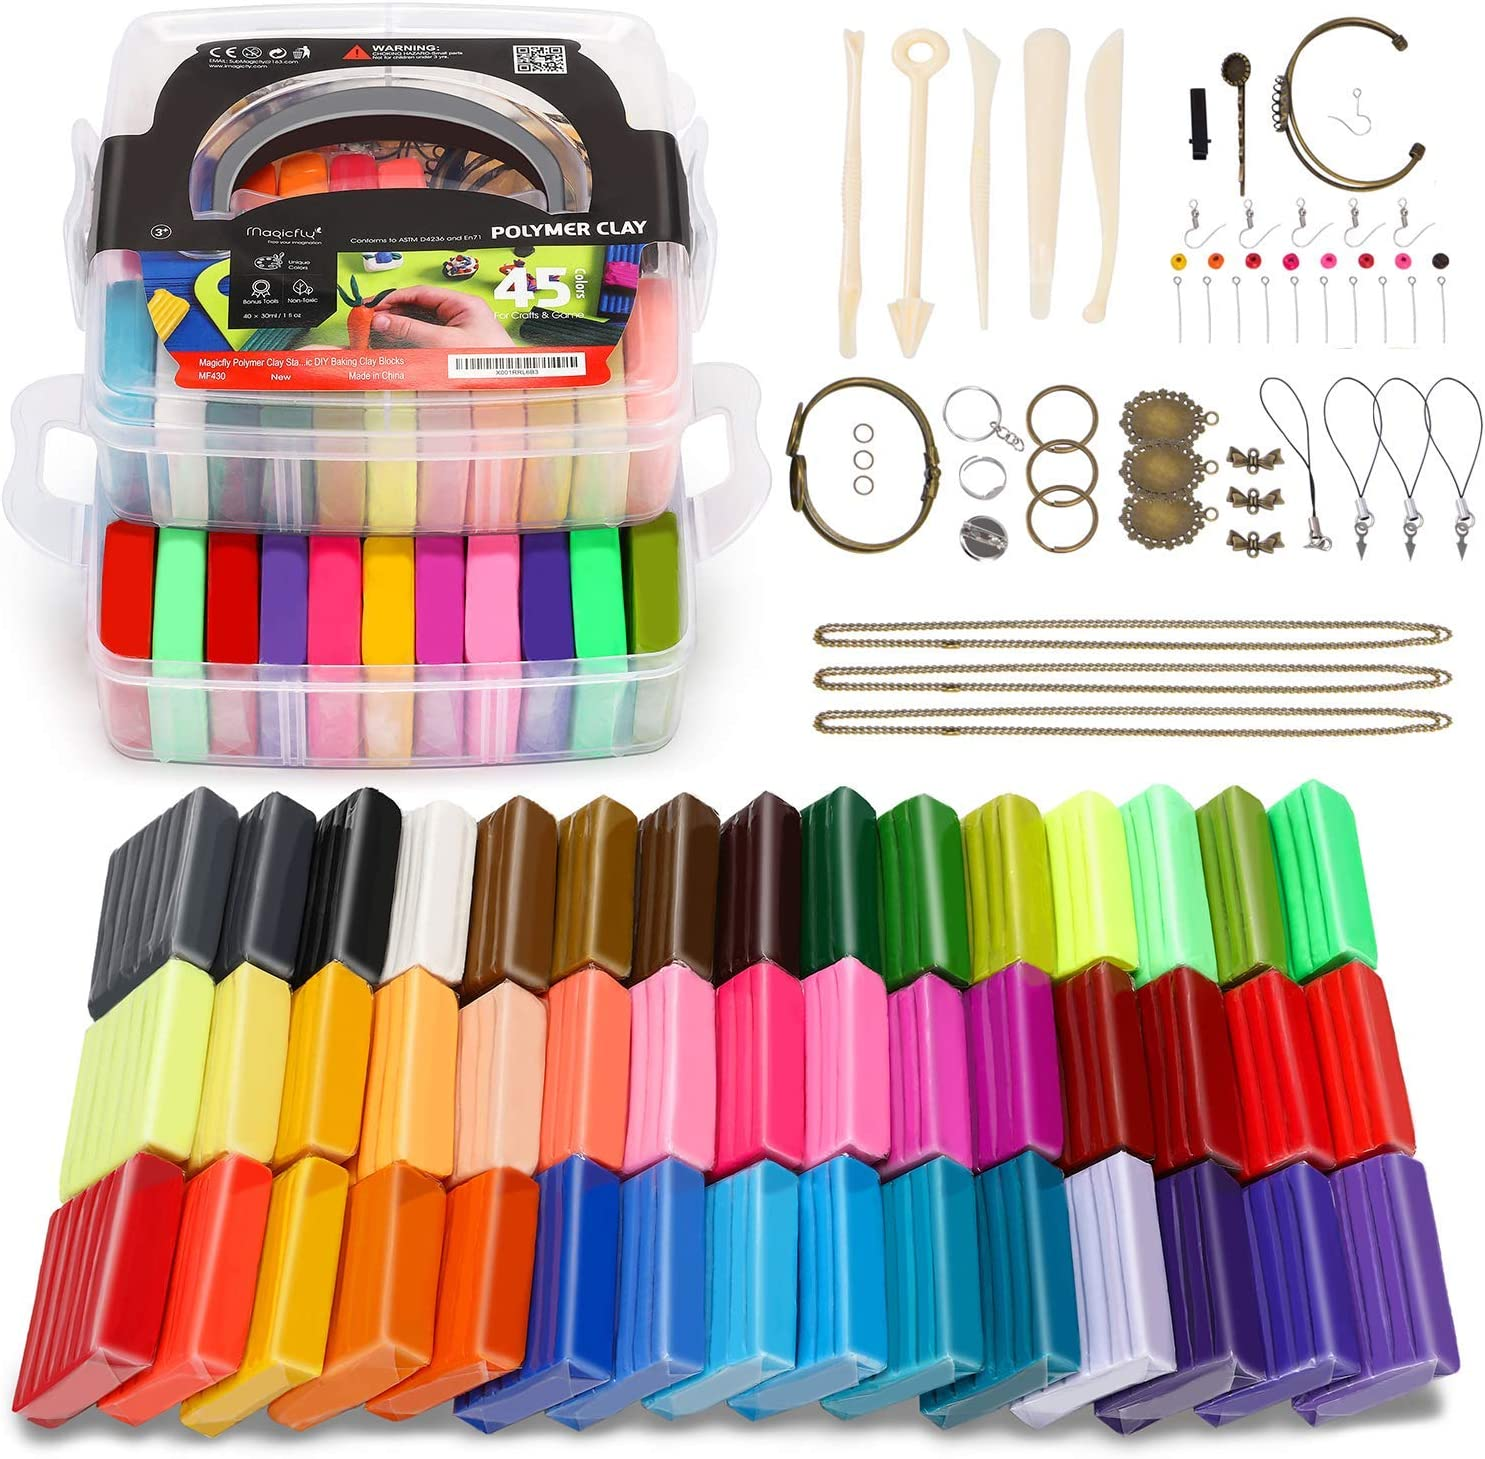 24 Colour Kinder SUNNOW Polymer Ton 24 Farben 680g//1.5LB Modelliermasse Ofen Backen Polymer Clay DIY Weich Handwerk Ton Set mit Modellierwerkzeugen und Zubeh/ör in Aufbewahrungsbox